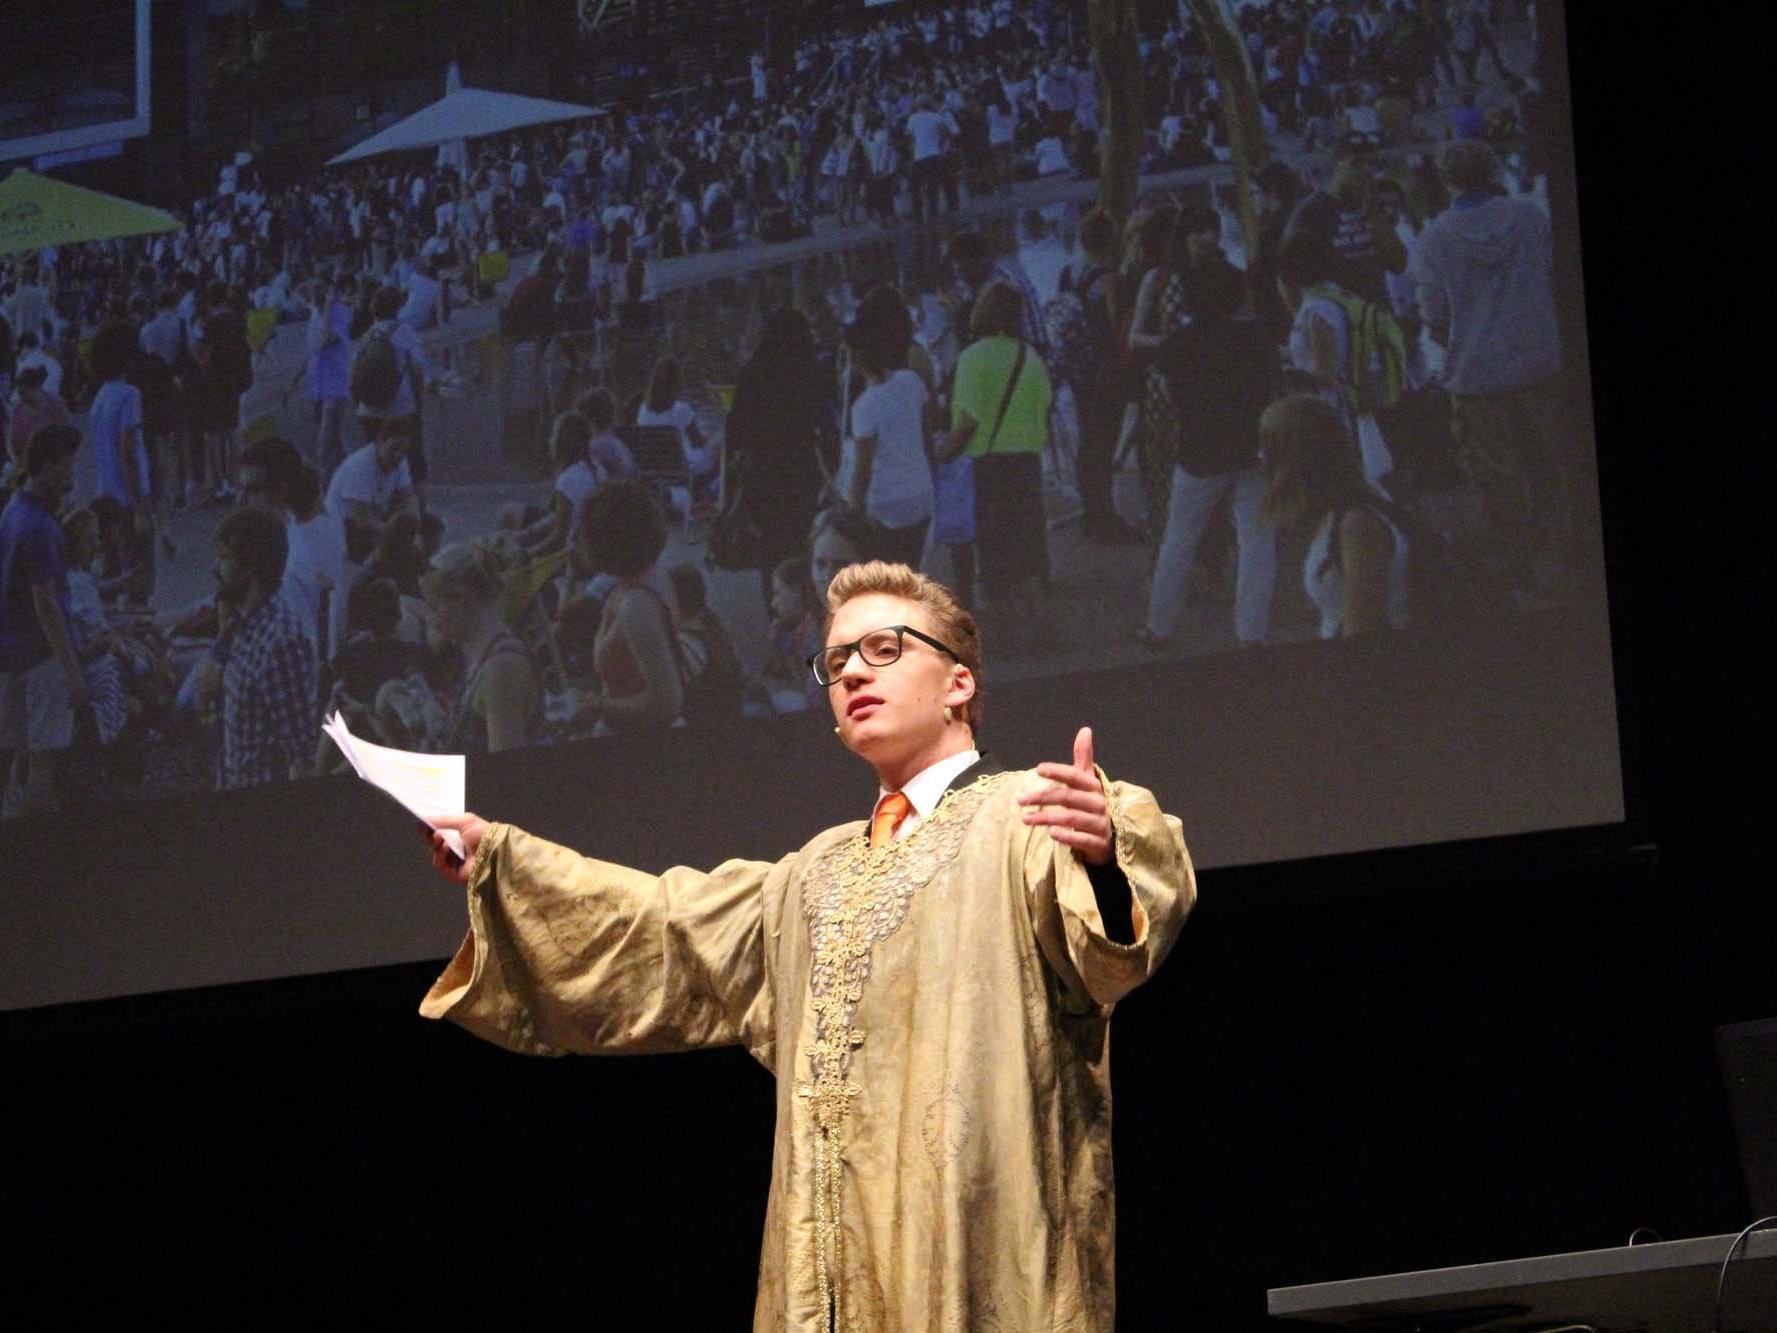 René Zumtobel schlüpft während der Präsentation der crosscultur-night App in das Kostüm vom Prinzen aus Turandot